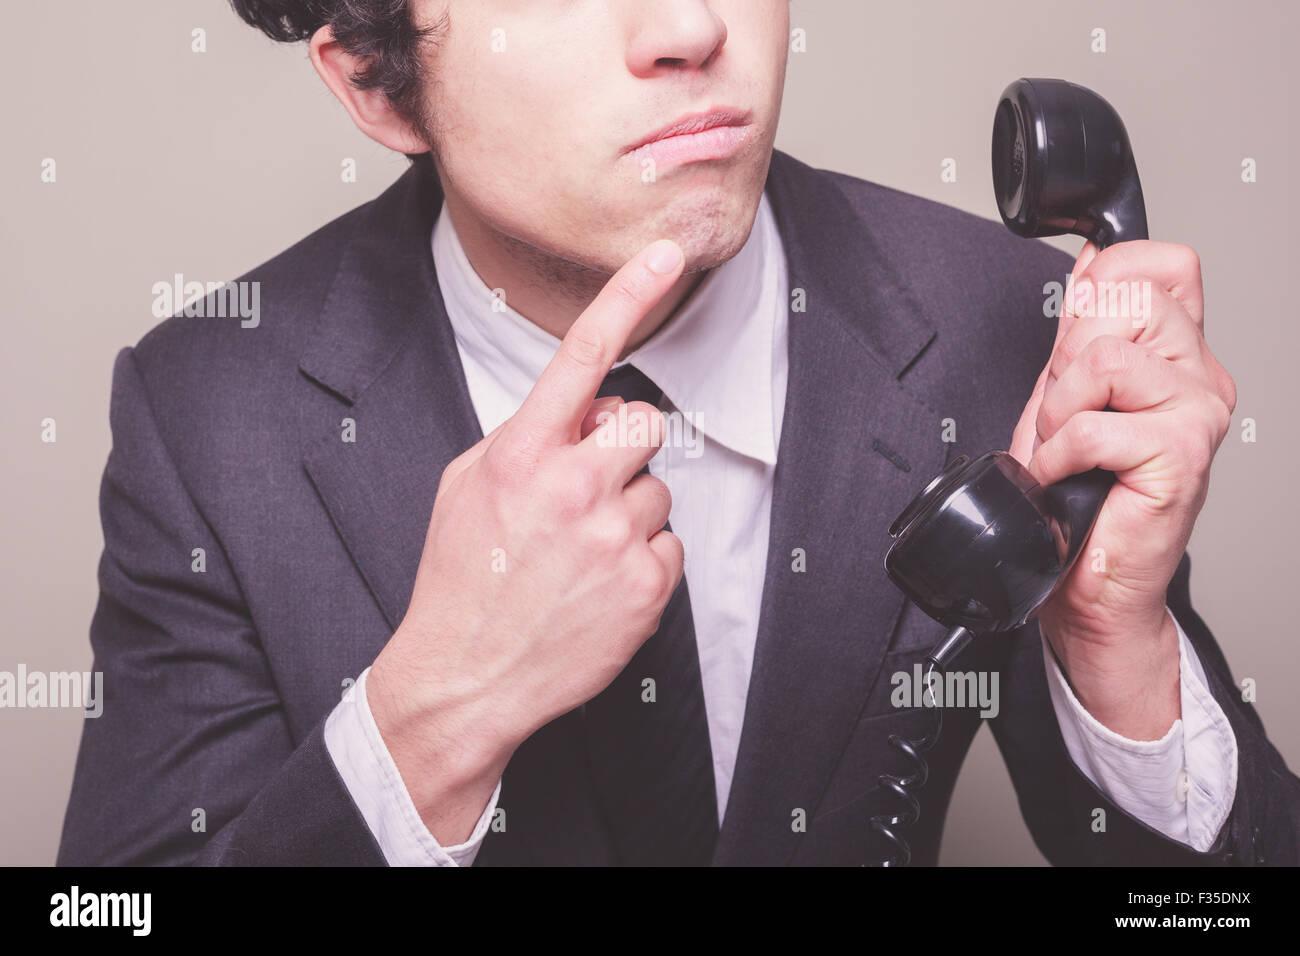 Jeune homme d'affaires est au téléphone et pense à ce qu'il faut dire Banque D'Images